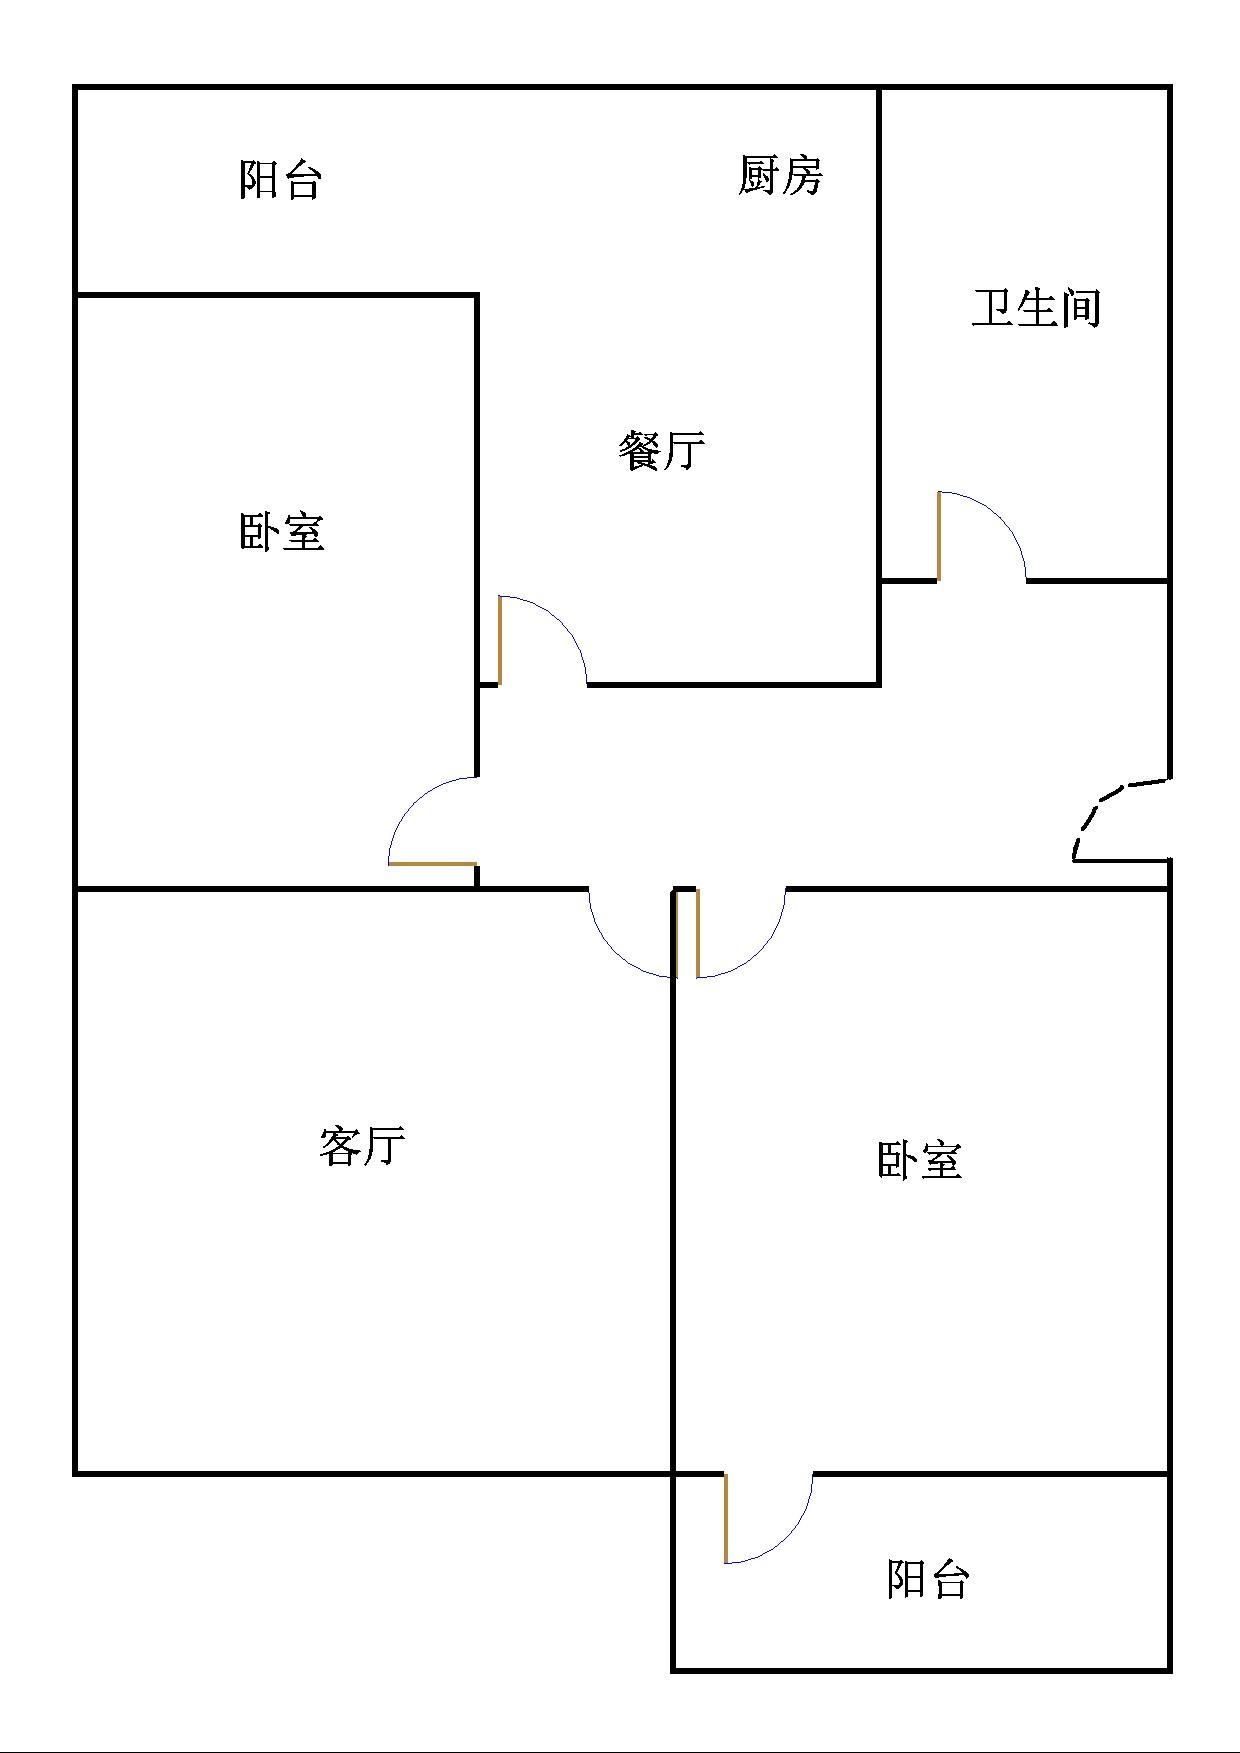 二棉宿舍 2室2厅 6楼